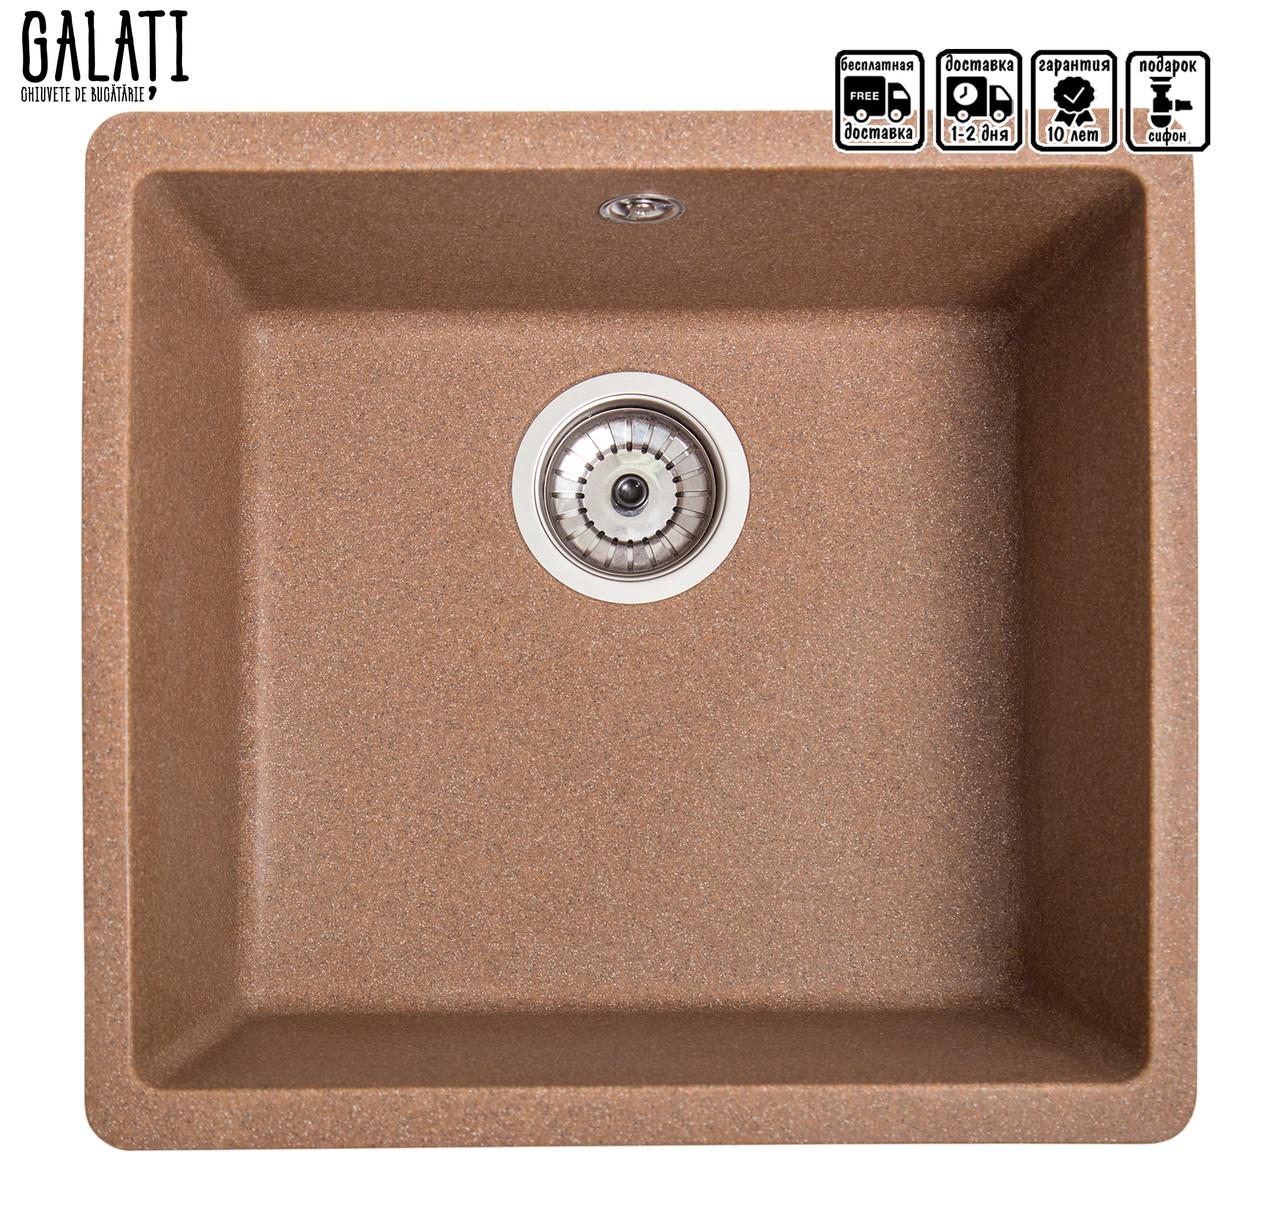 Кухонная мойка врезная под столешницу с евросифоном 40*37*22 см Galati Mira U-400 Teracotă 3411